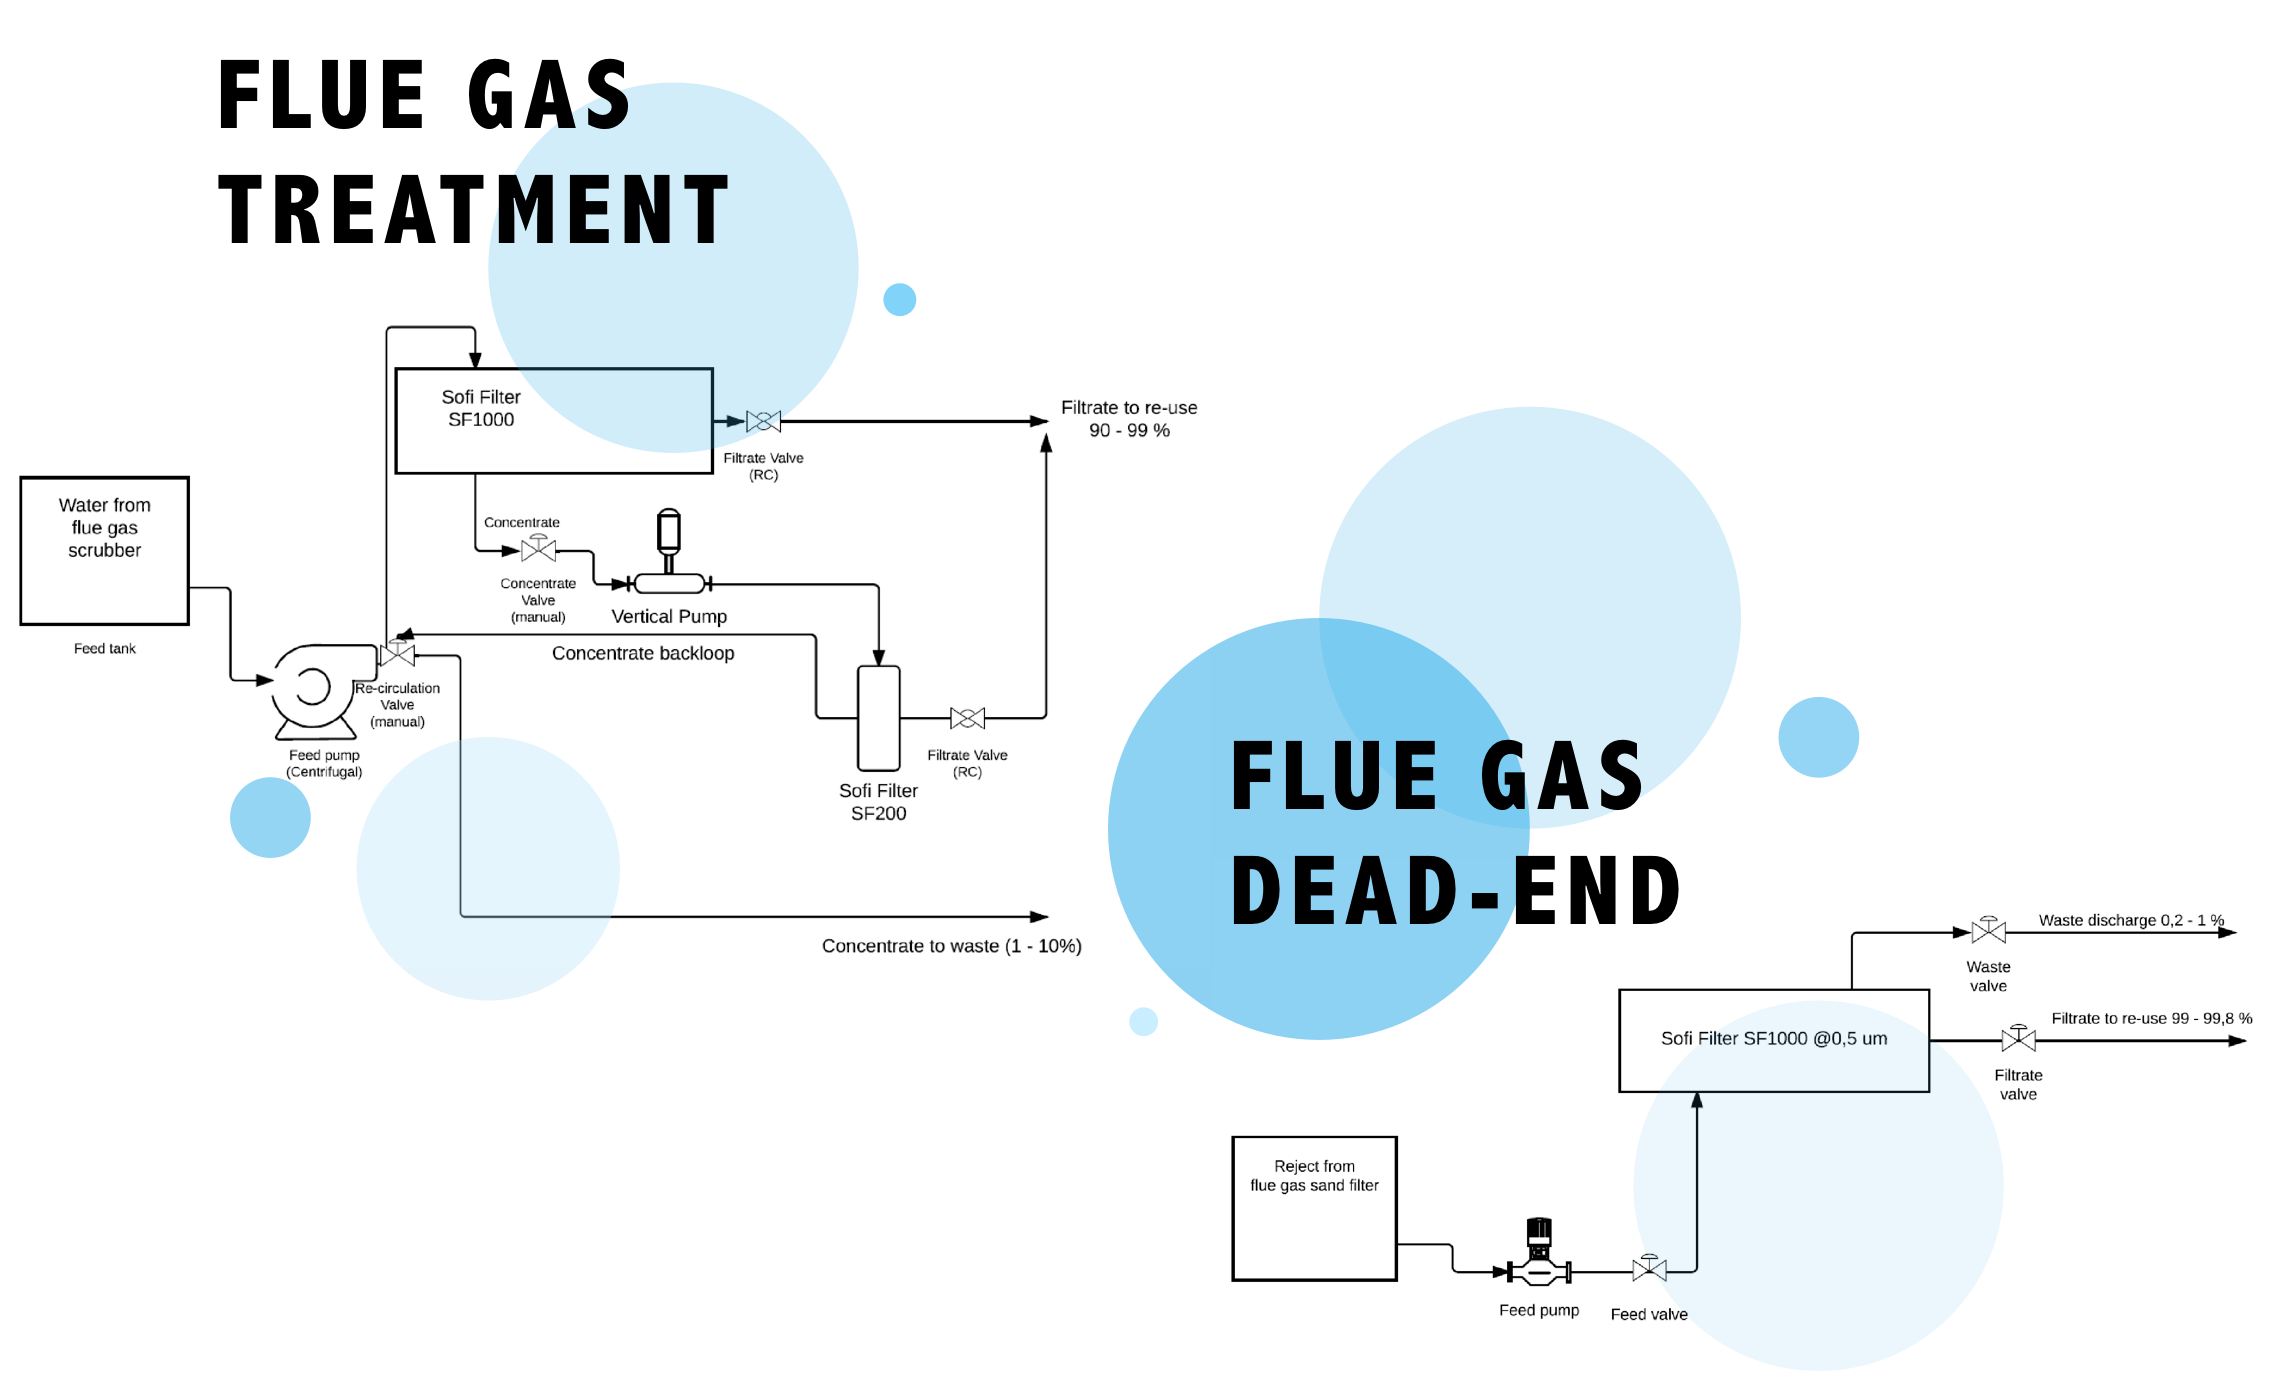 FLUE gas treatment and flue gas dead-end